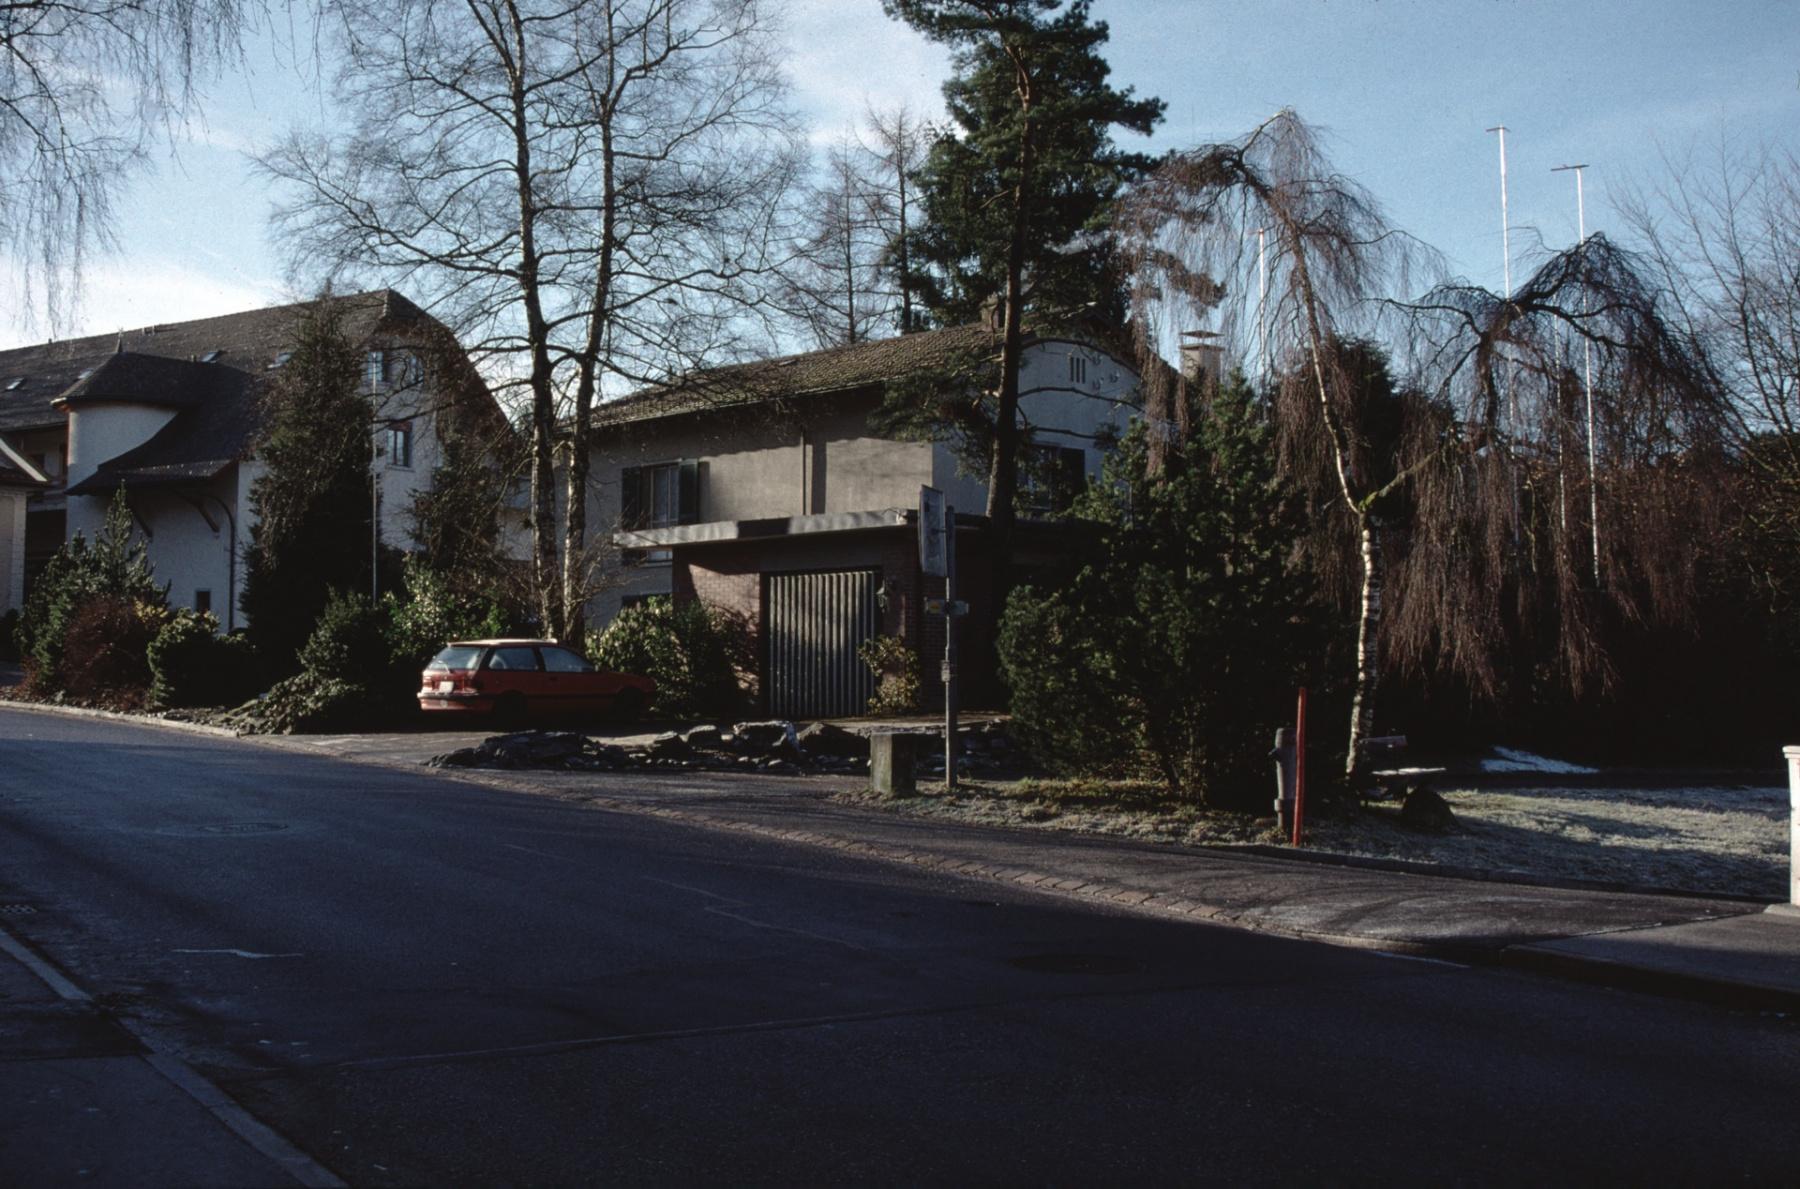 Liegenschaft Walter Bosshard (wird 1998 abgebrochen), links neue Post